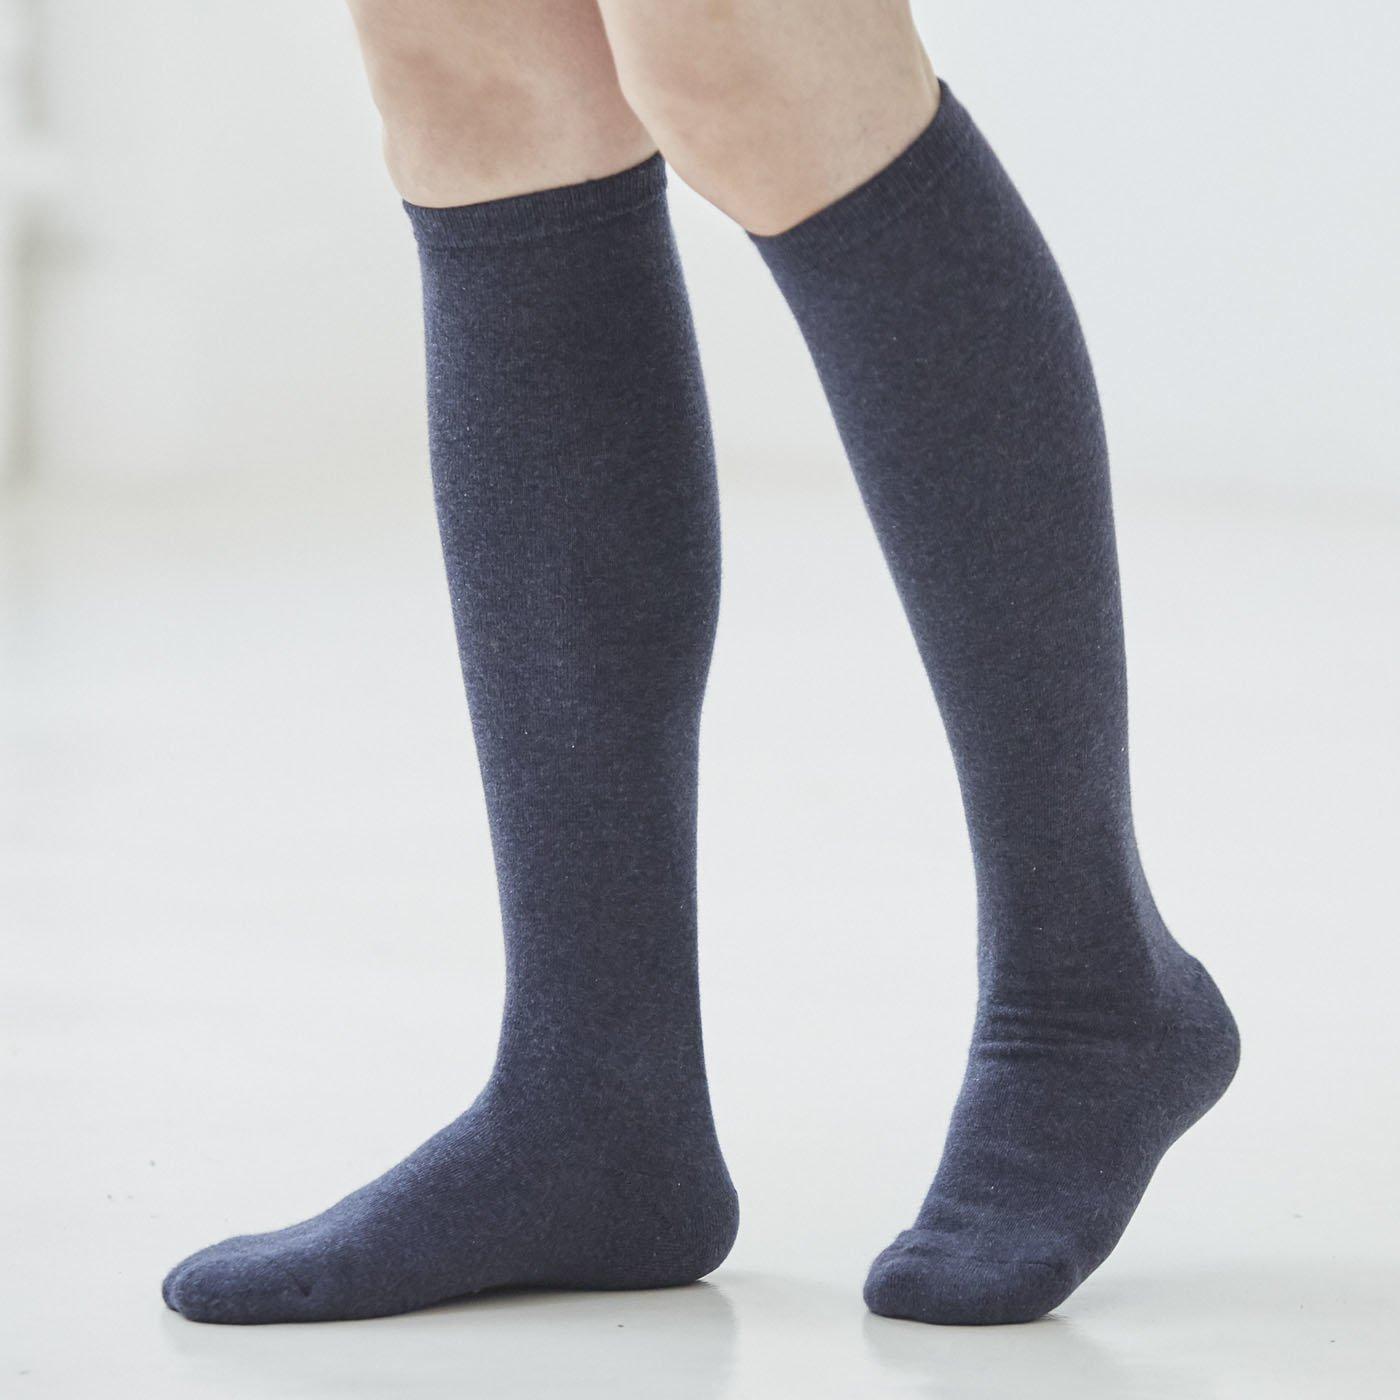 フラウグラット 足裏汗対策 綿100%パイルで快適 マナー美人のエチケット靴下の会